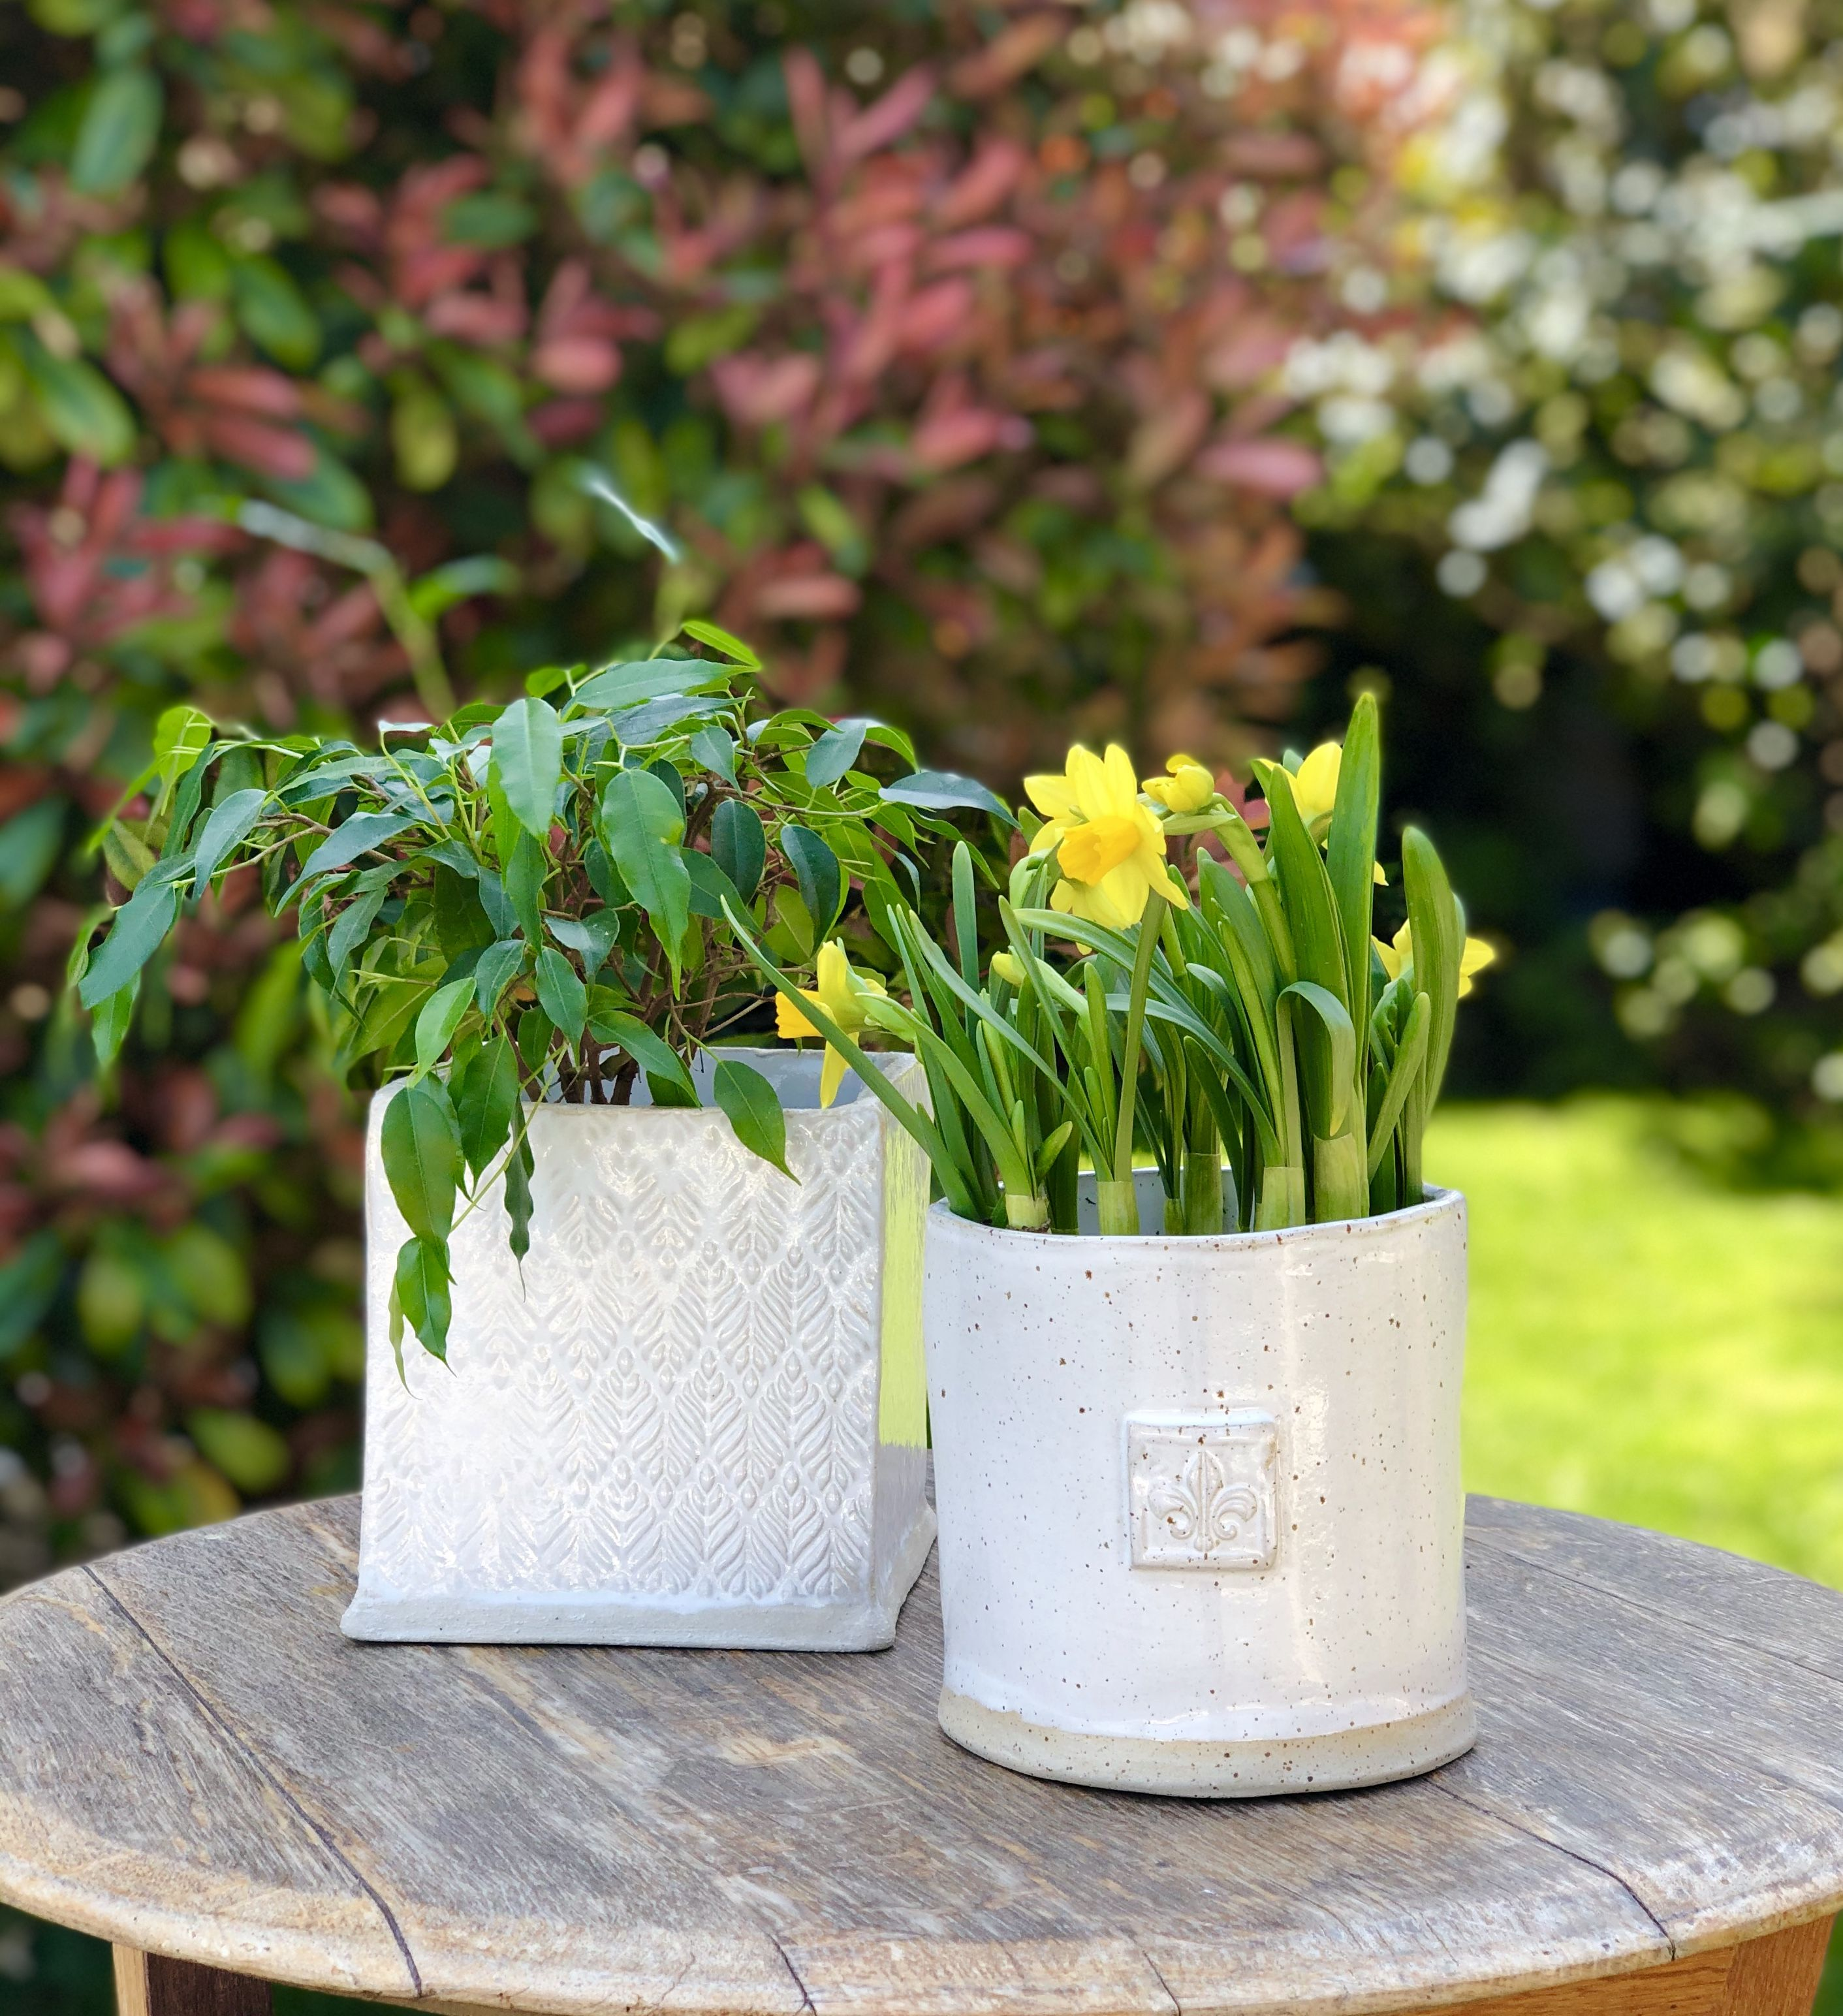 #slabpottery #ceramics #flowerpots #potterydesign